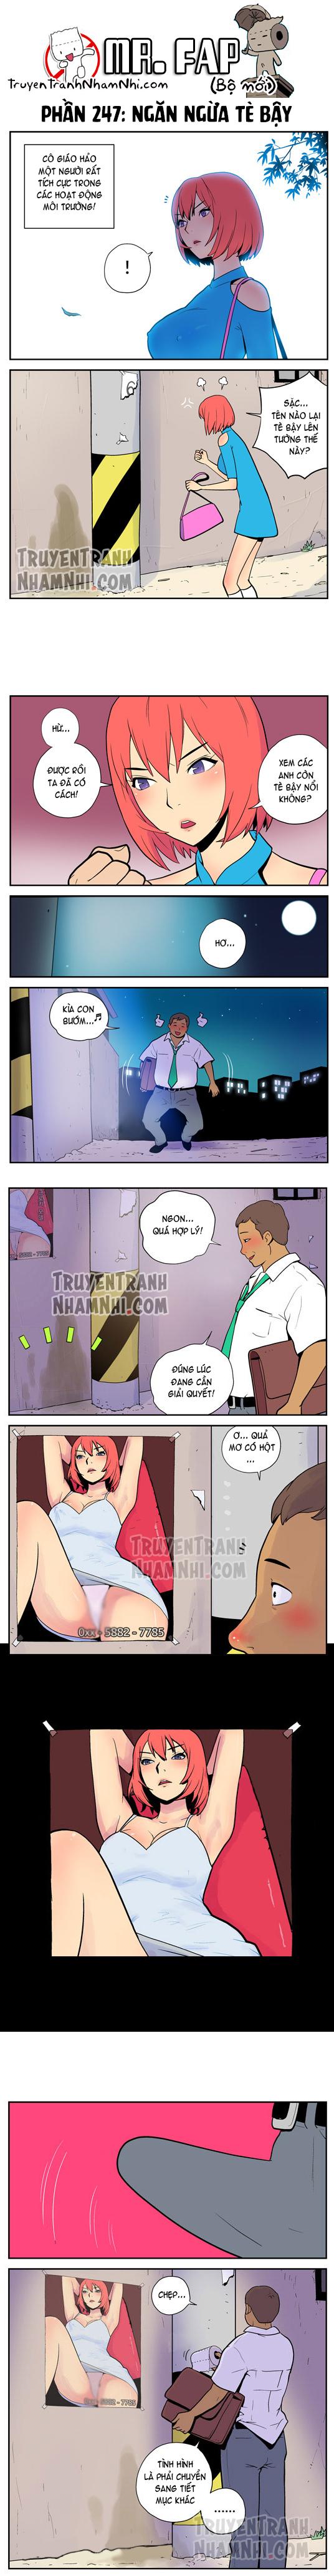 Mr. FAP (bộ mới) phần 247: Ngăn ngừa tè bậy